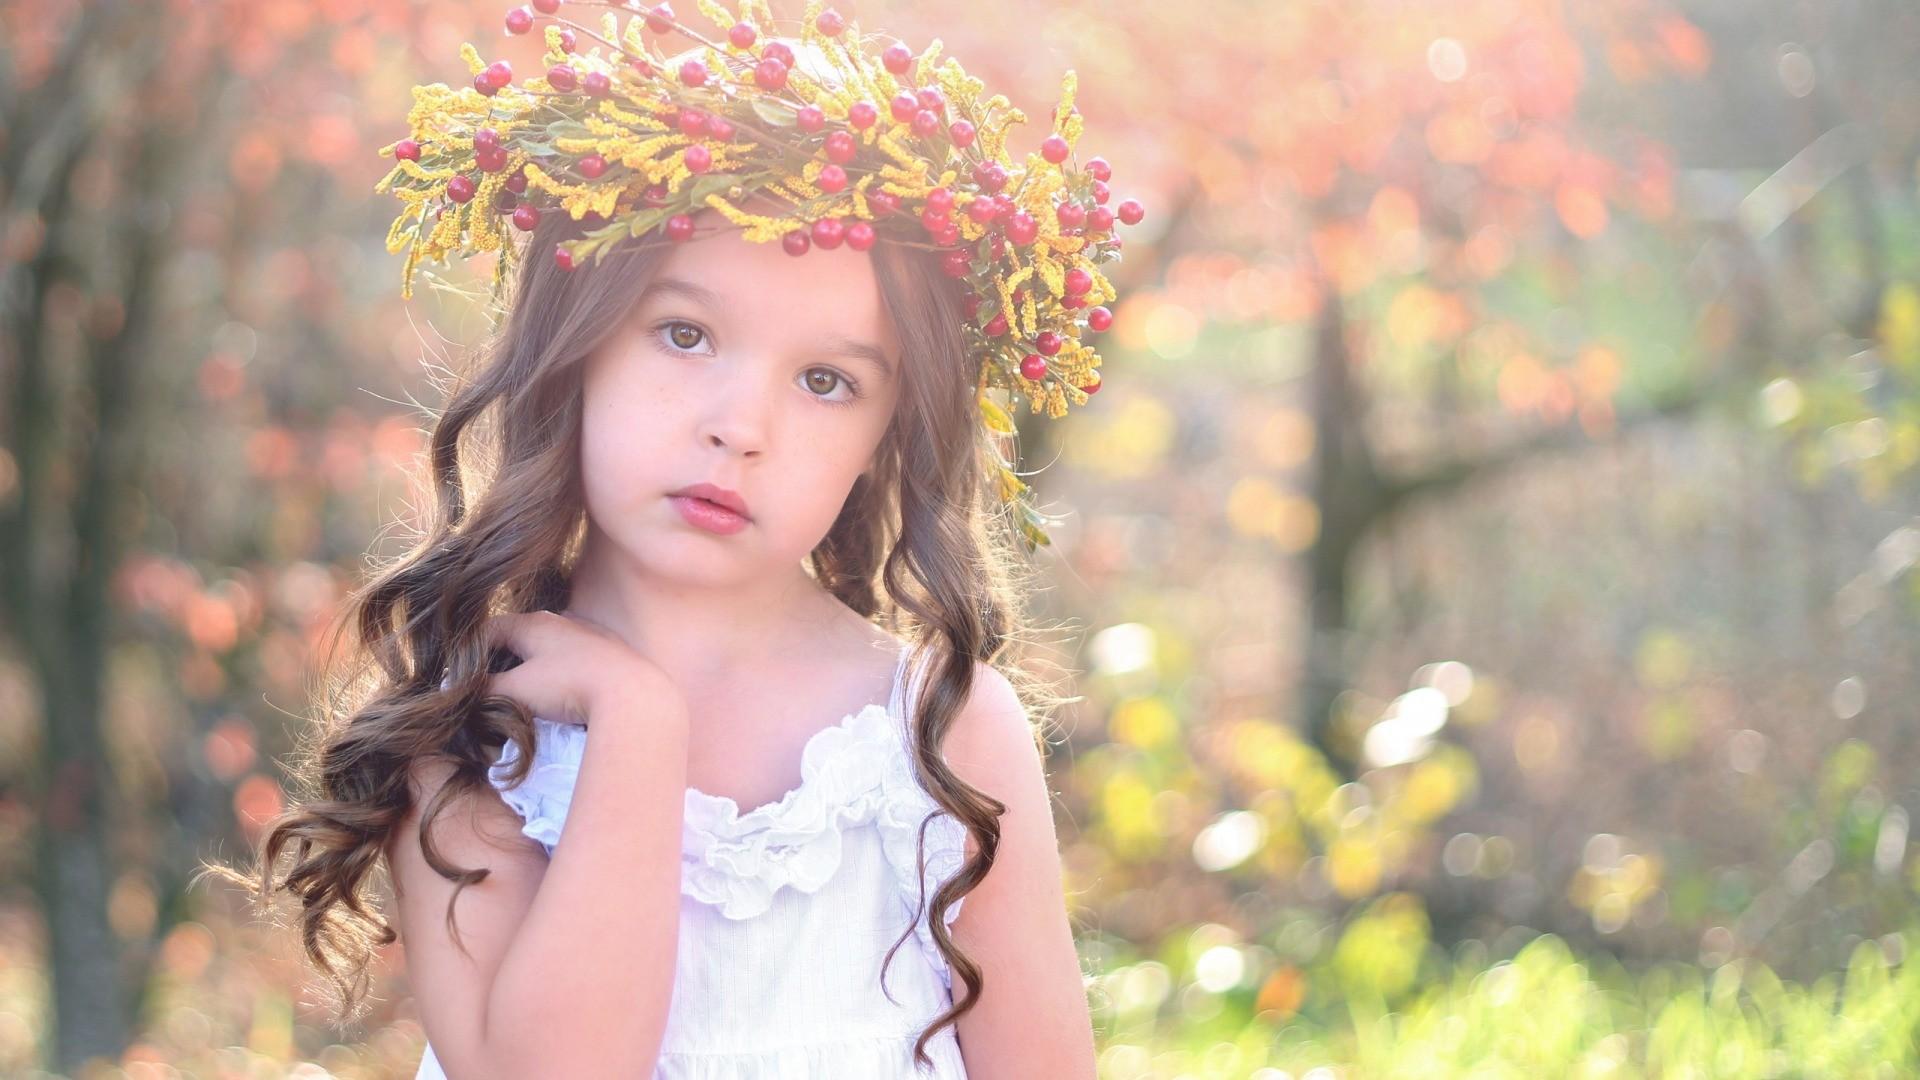 بالصور اجمل صور اطفال بنات , الطف صور اطفال بنات 5297 4